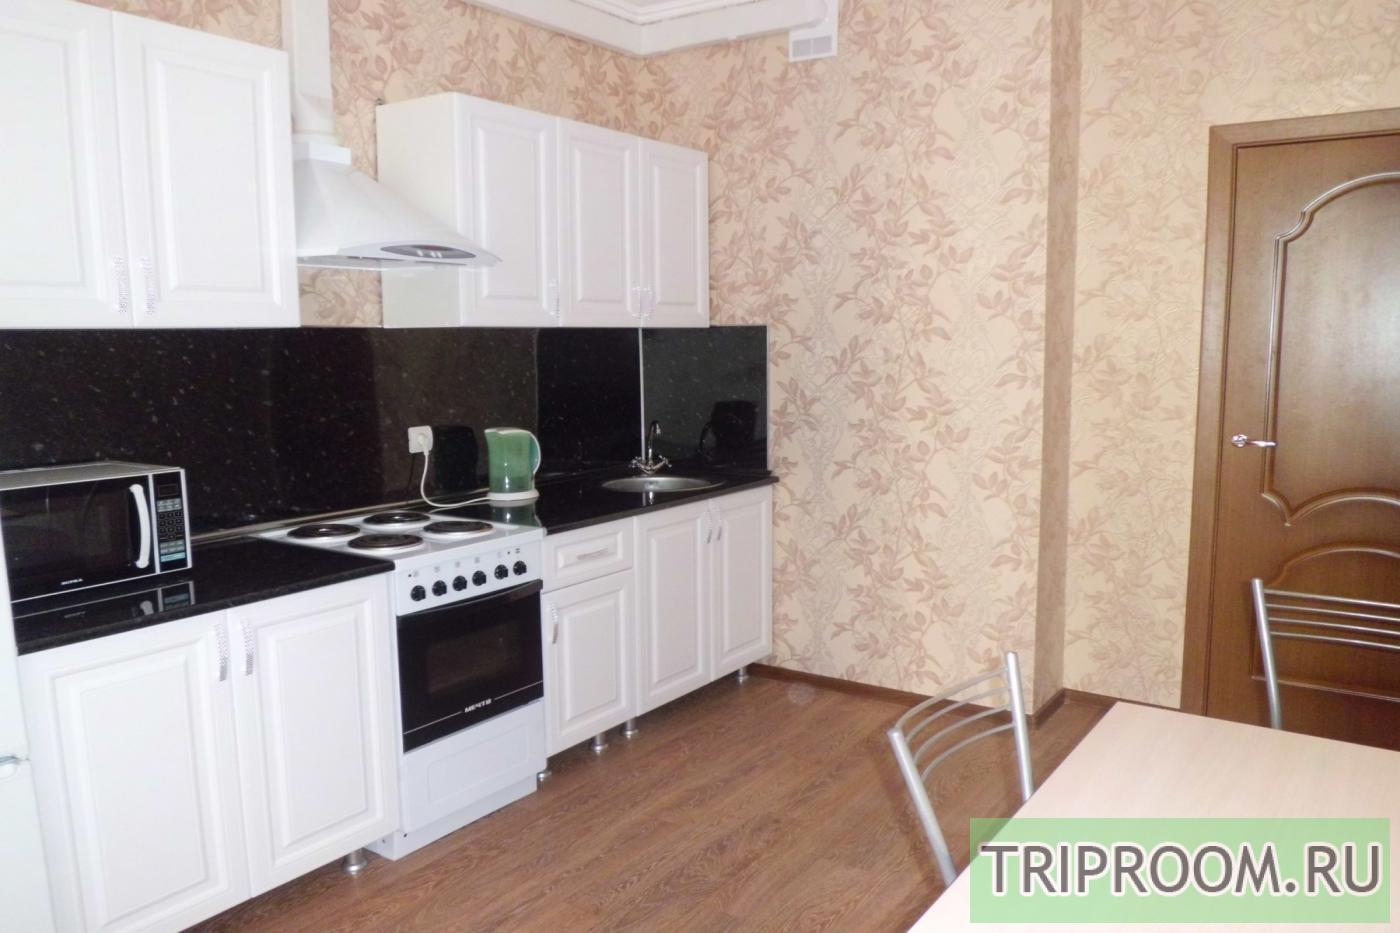 1-комнатная квартира посуточно (вариант № 32008), ул. 40-летия Победы, фото № 6